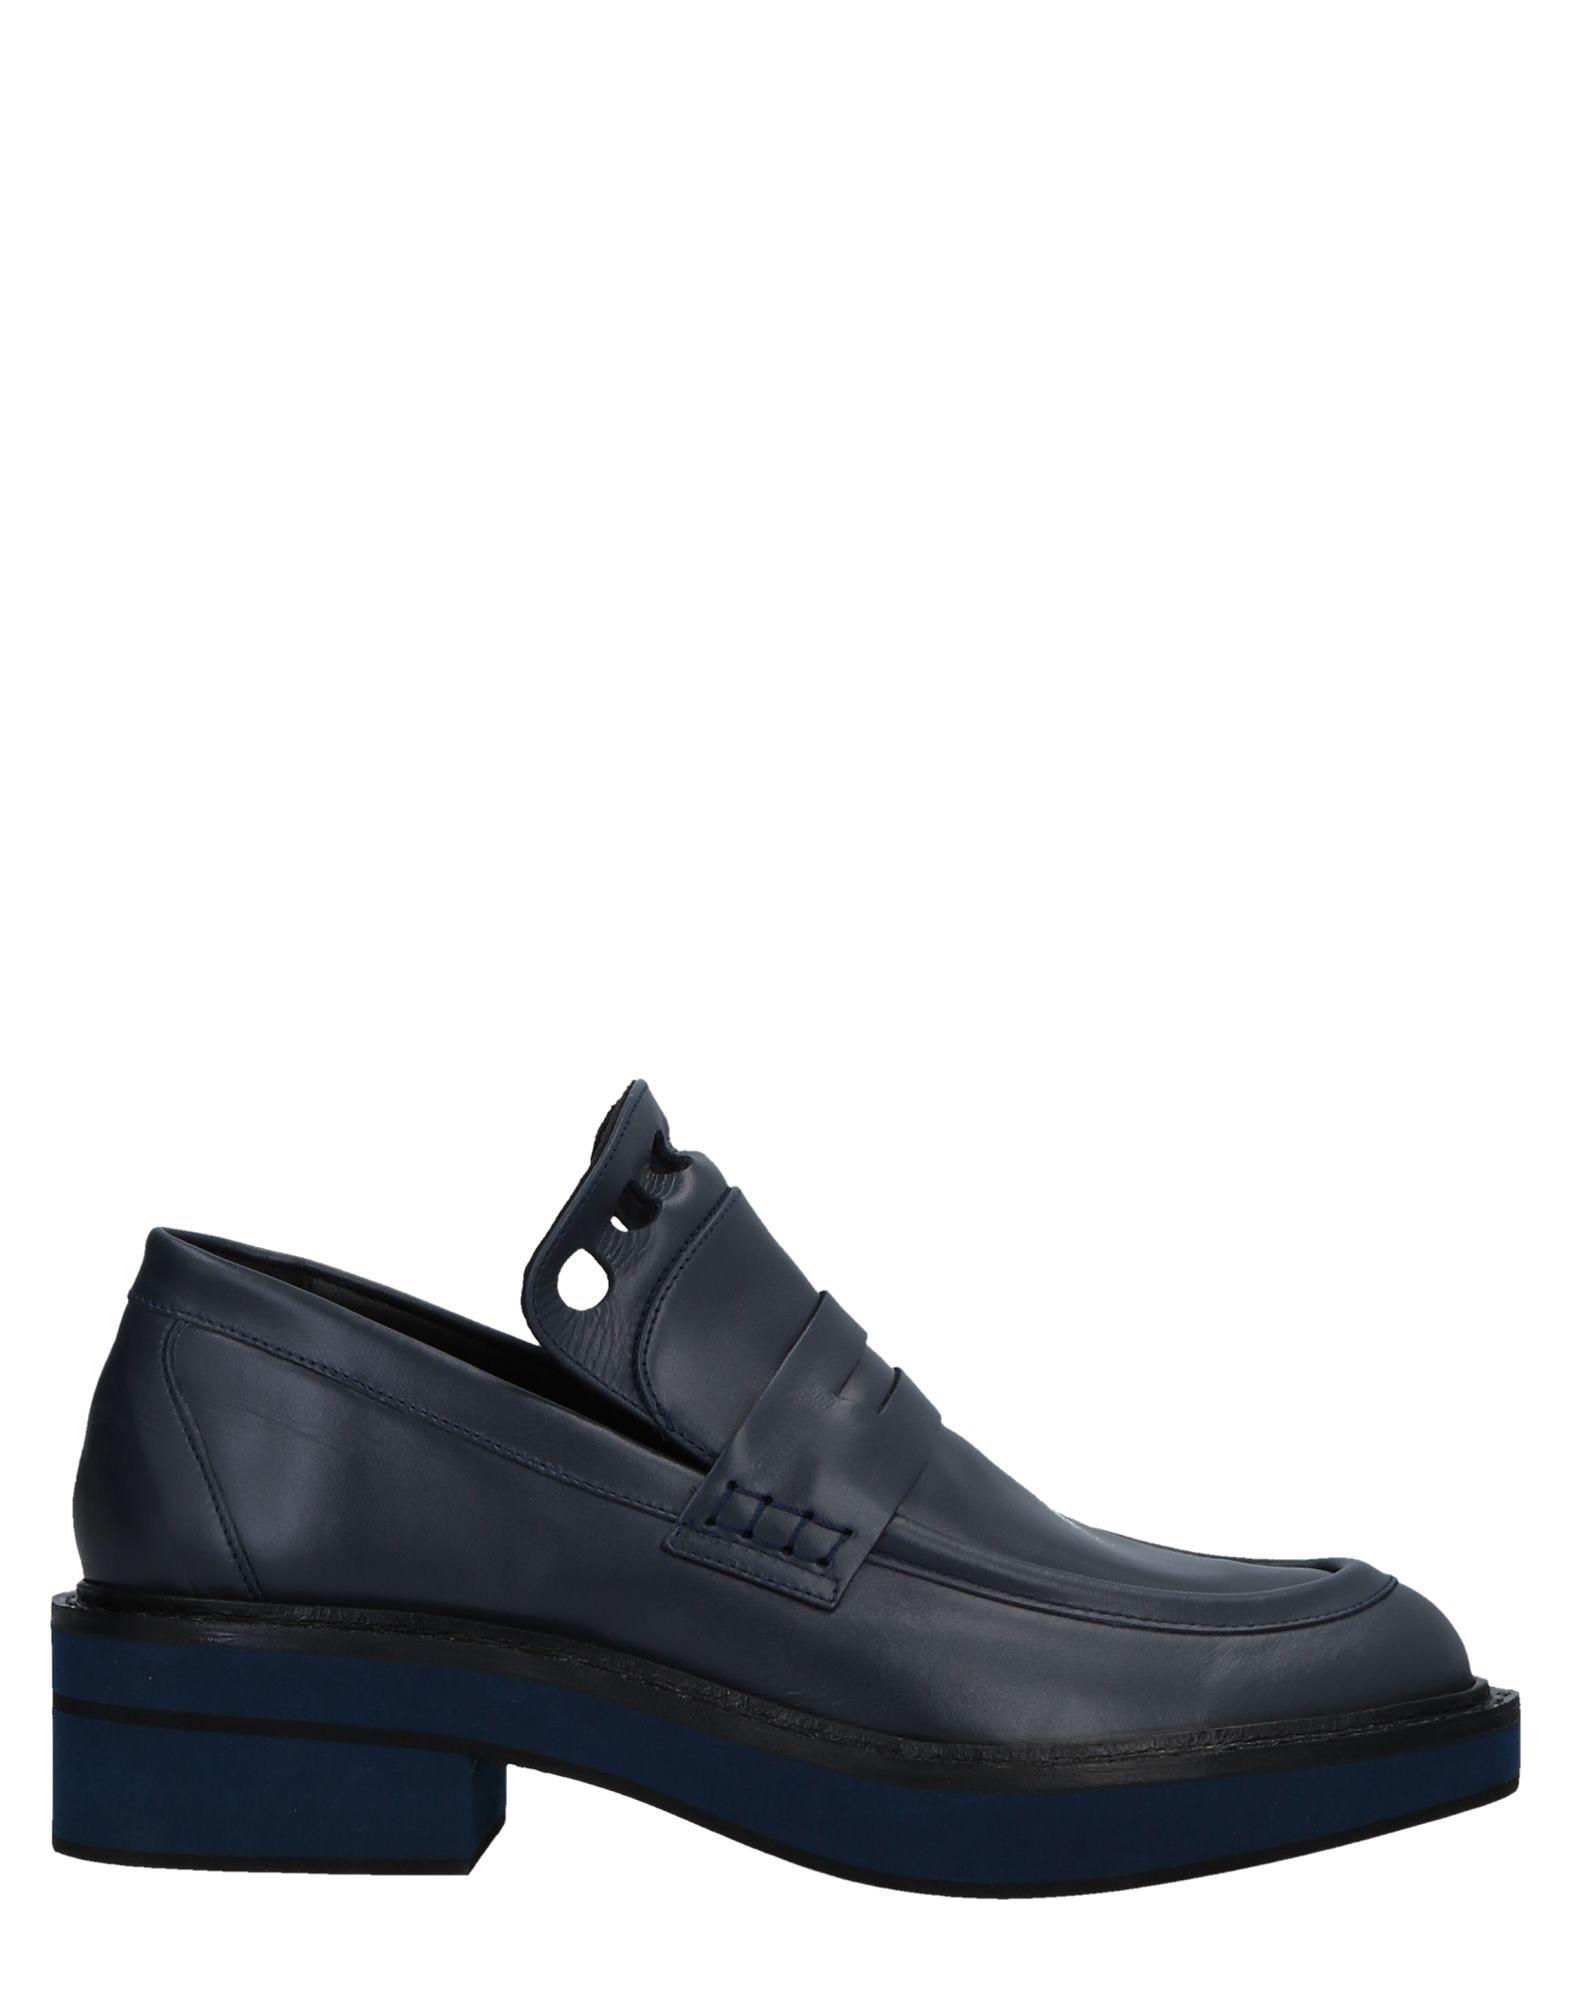 Sneakers Tsd12 Donna e - 11567411LC Nuove offerte e Donna scarpe comode 441f31